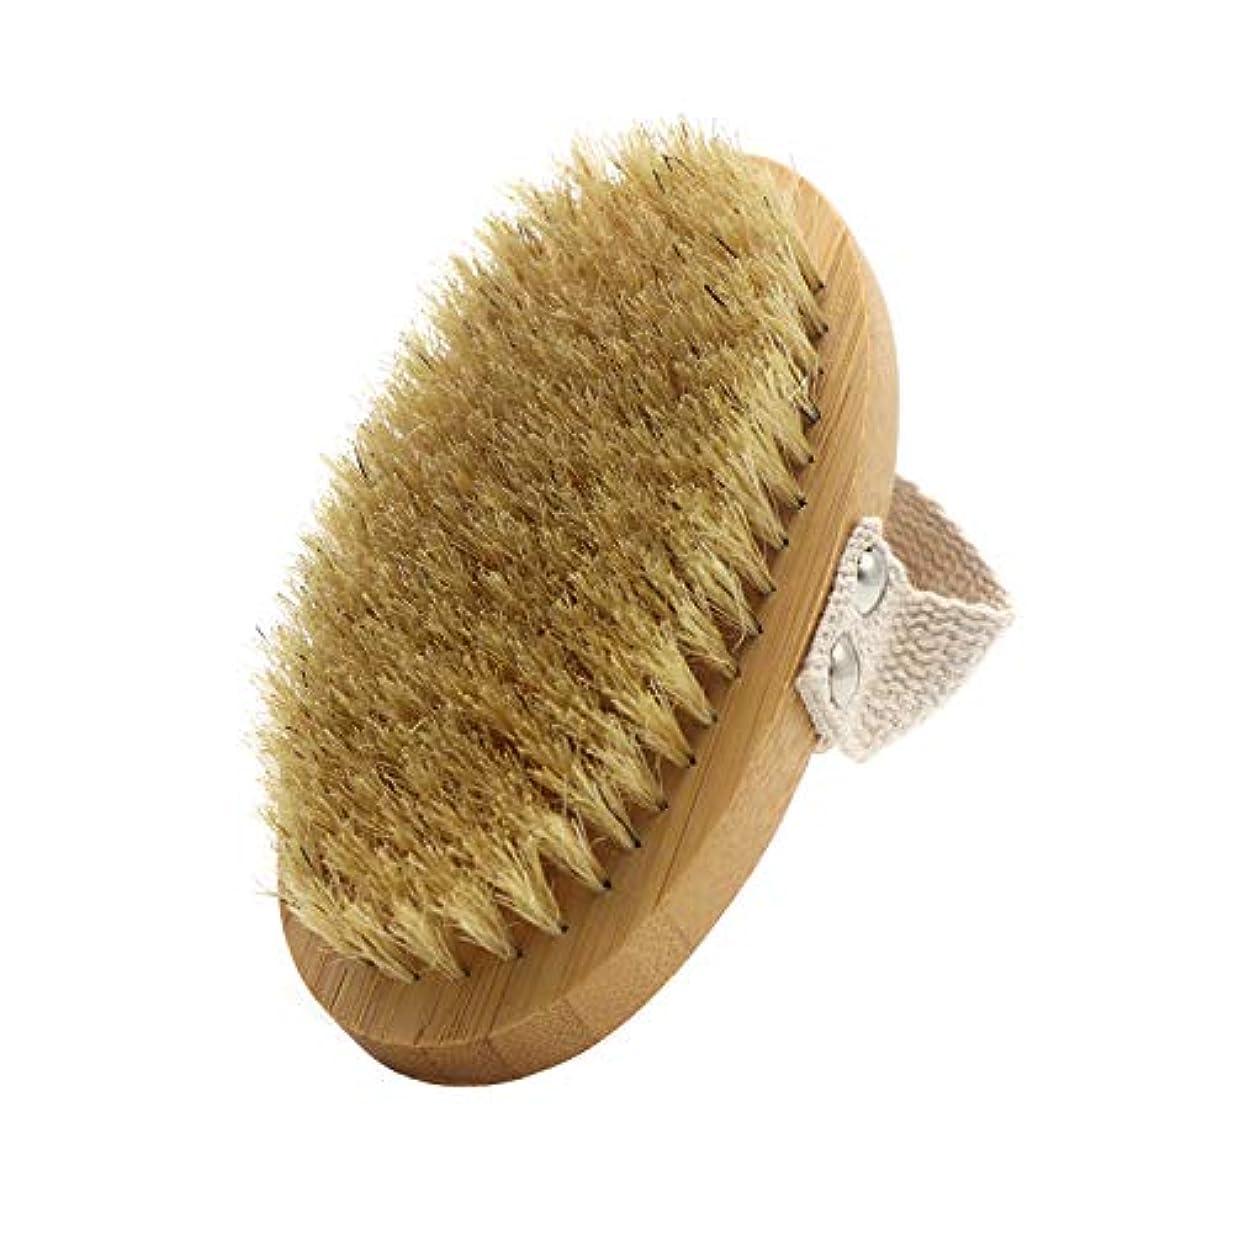 ただやる伝記アラブ人Maltose ボディブラシ 豚毛 ボディーぶらし 硬め 身体洗いブラシ 短柄 楠竹 男性 天然素材 お風呂用 体洗い